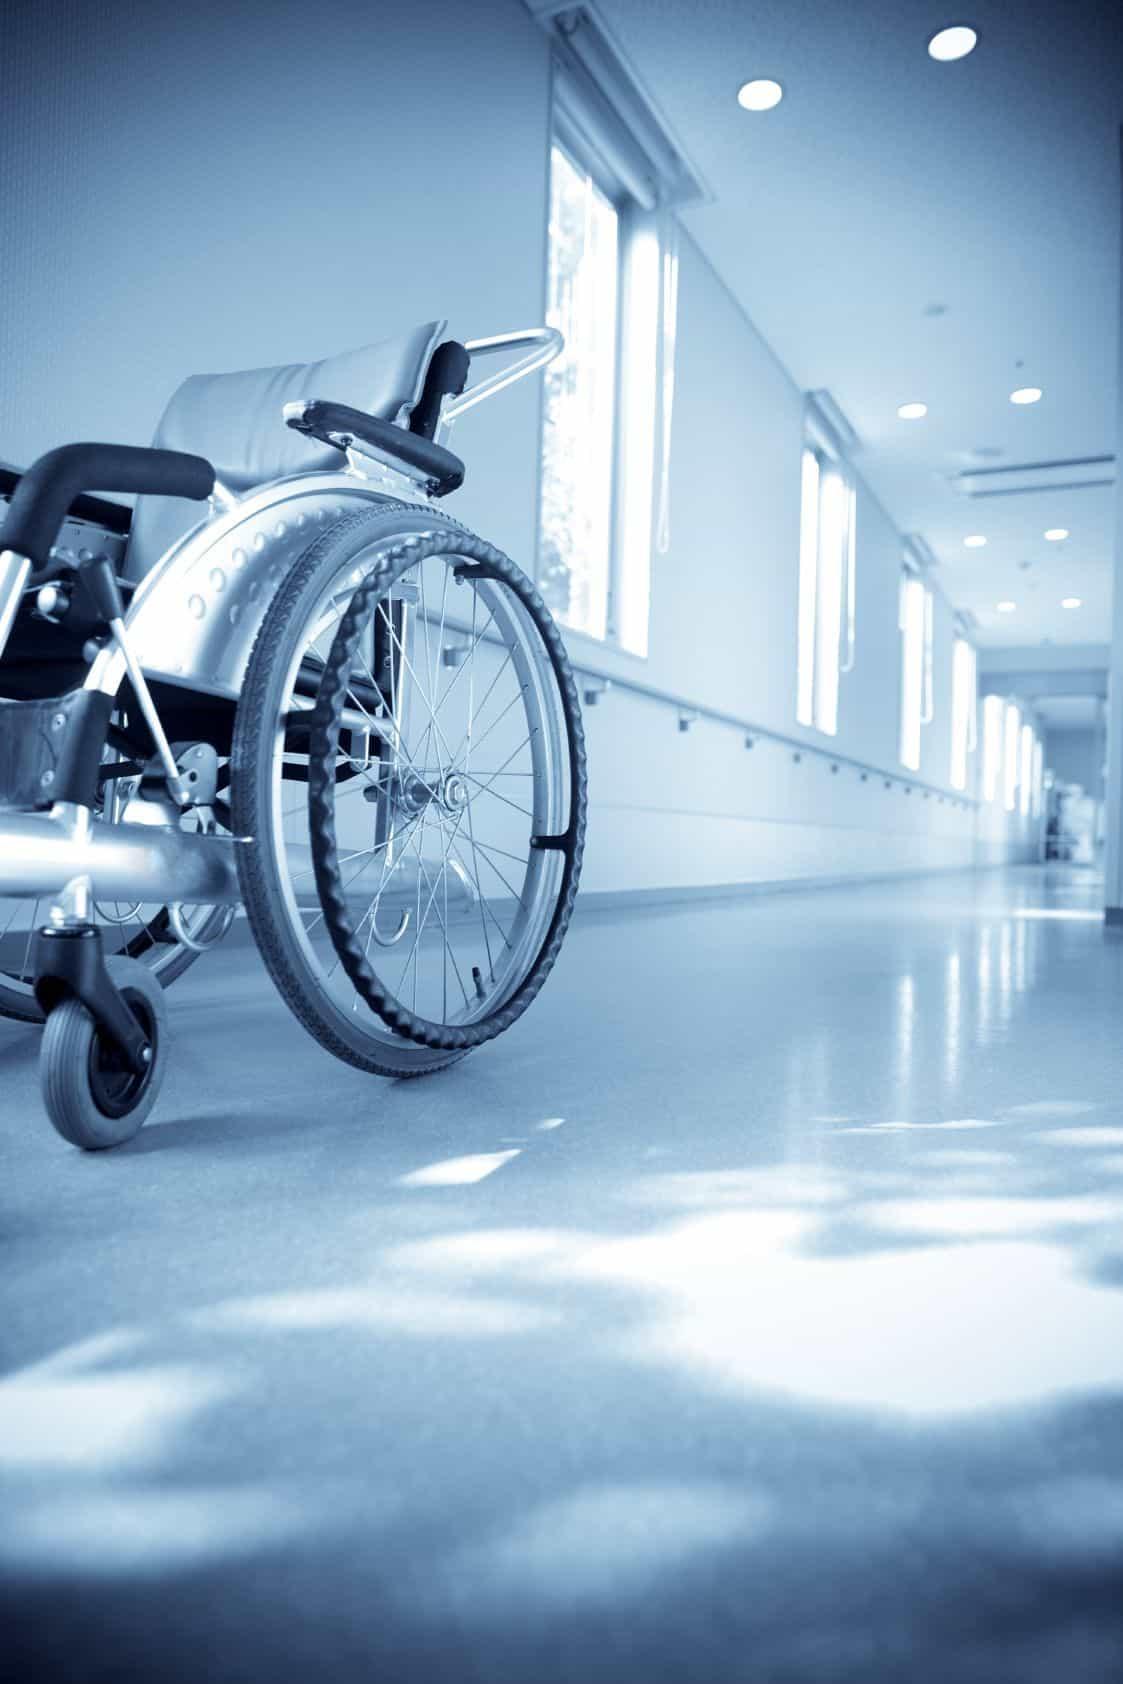 כיסא גלגלים במסדרון